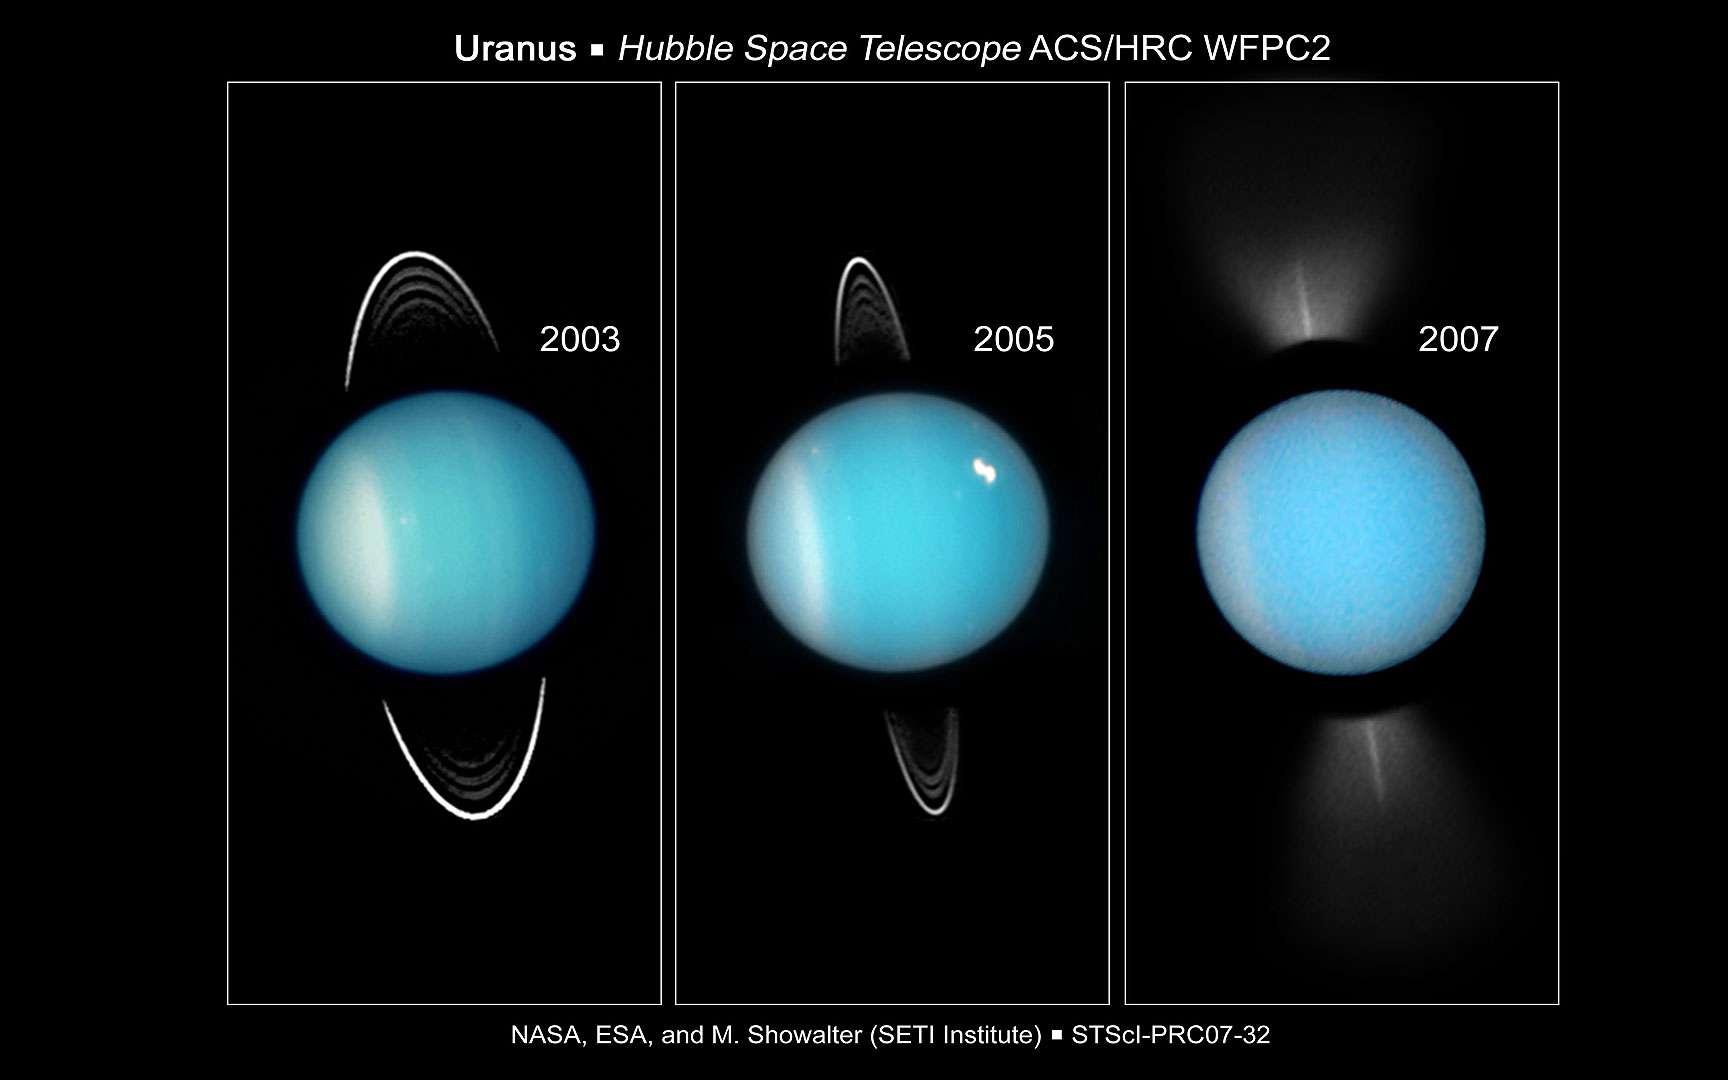 Uranus vue en infrarouge par le Keck II. Images de la planète Uranus et de son système d'anneaux vus en infrarouge par le télescope Keck II de Hawaii équipé d'optique adaptative.